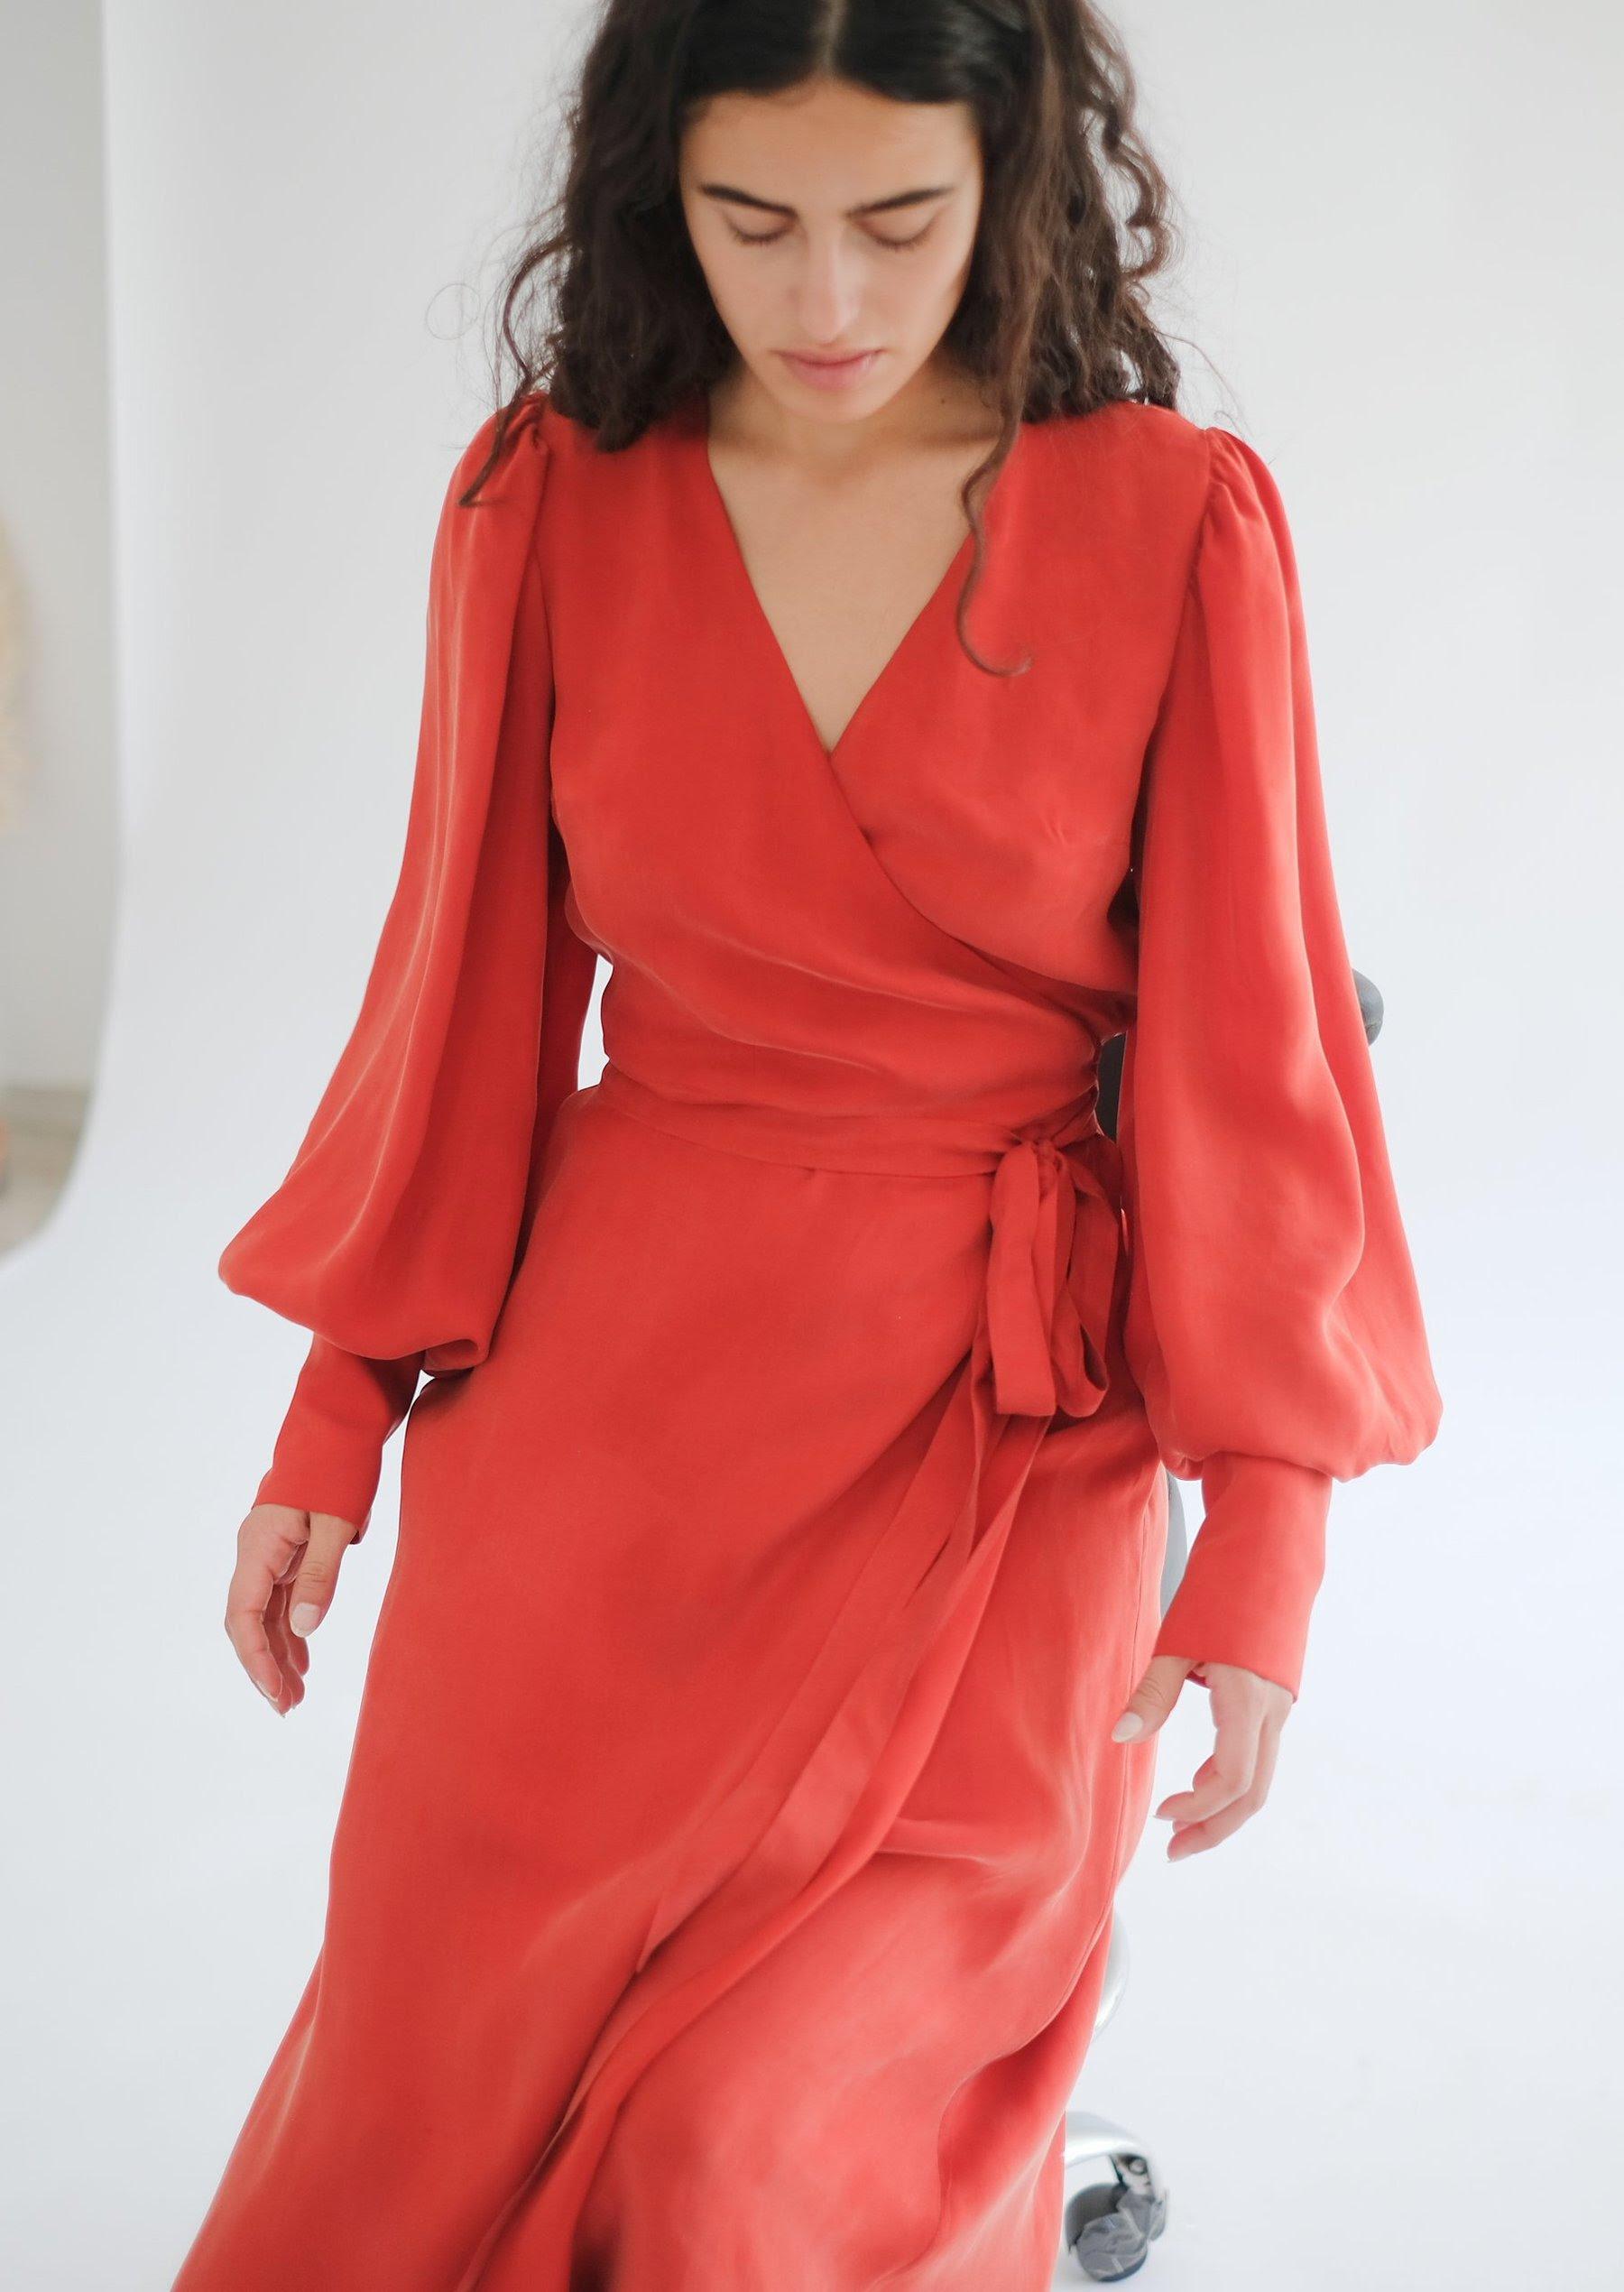 Ruth Dress, $199 @ohsevendays.com